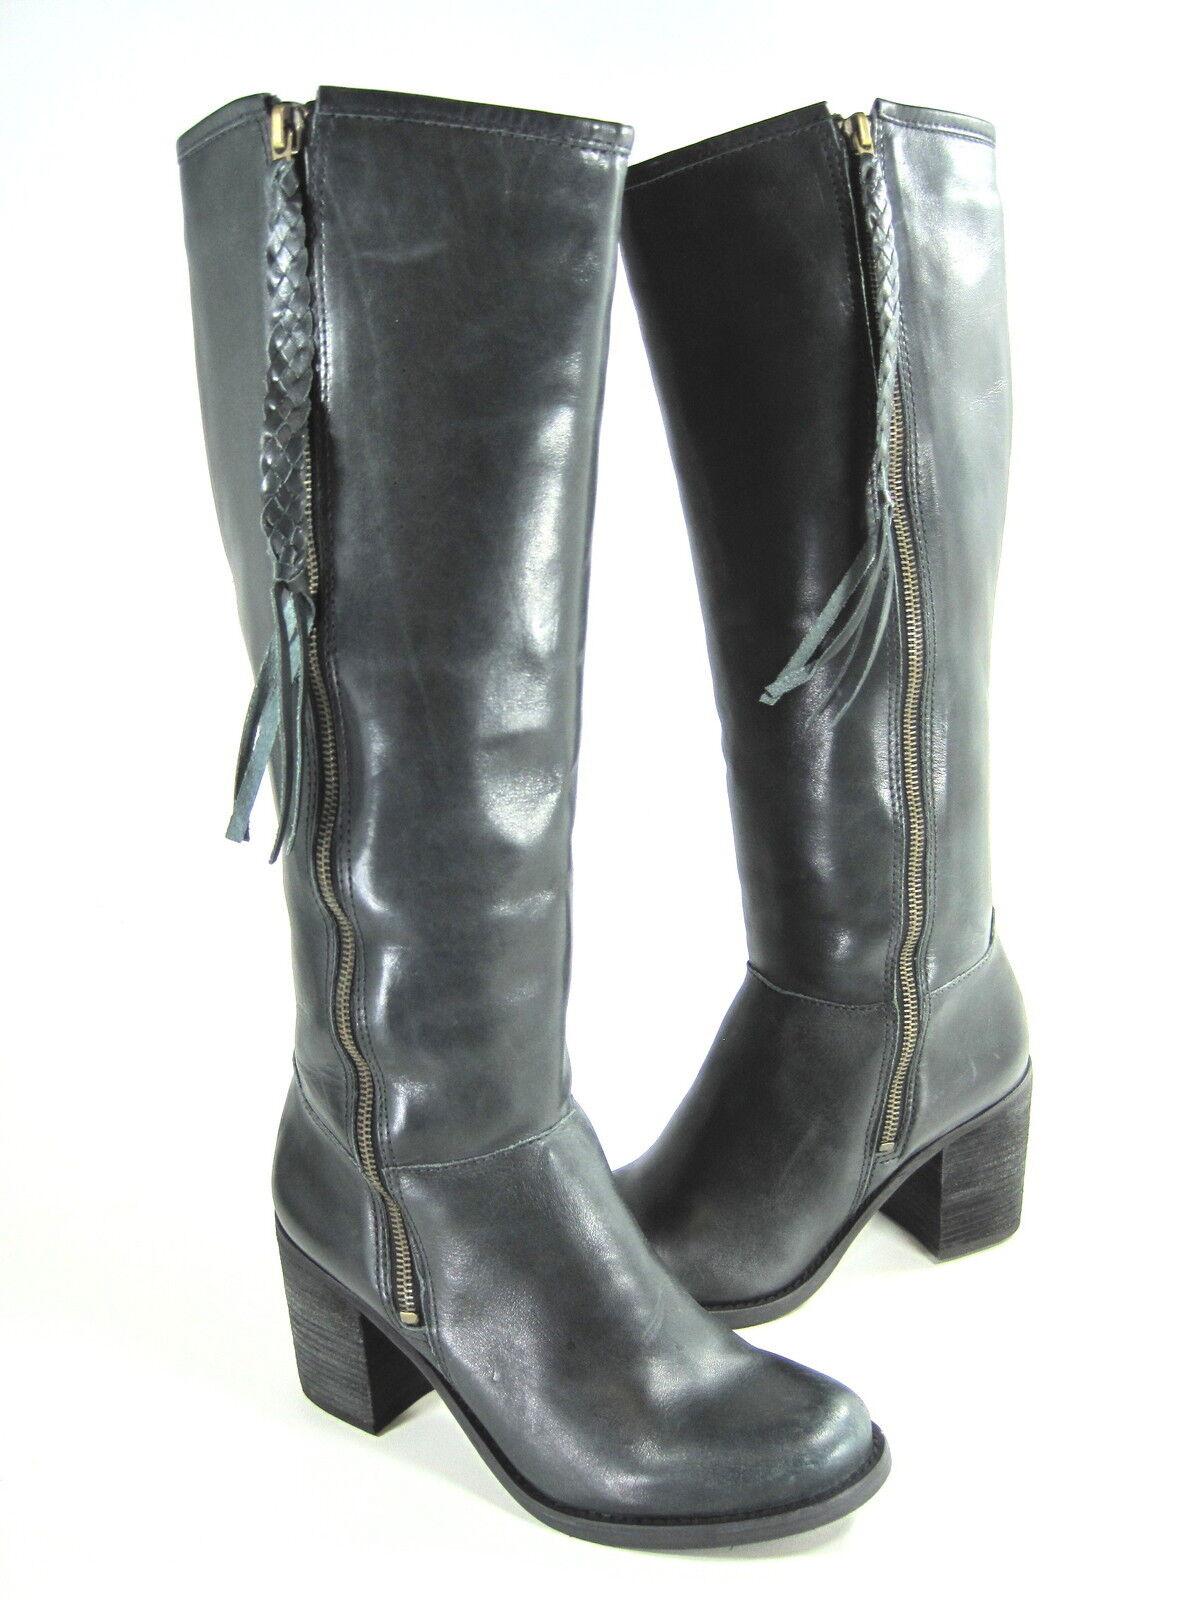 stile classico STEVEN BY STEVE MADDEN donna WISHFIL stivali stivali stivali nero LEATHER US SZ 6.5 MEDIUM (B)M  Garanzia del prezzo al 100%